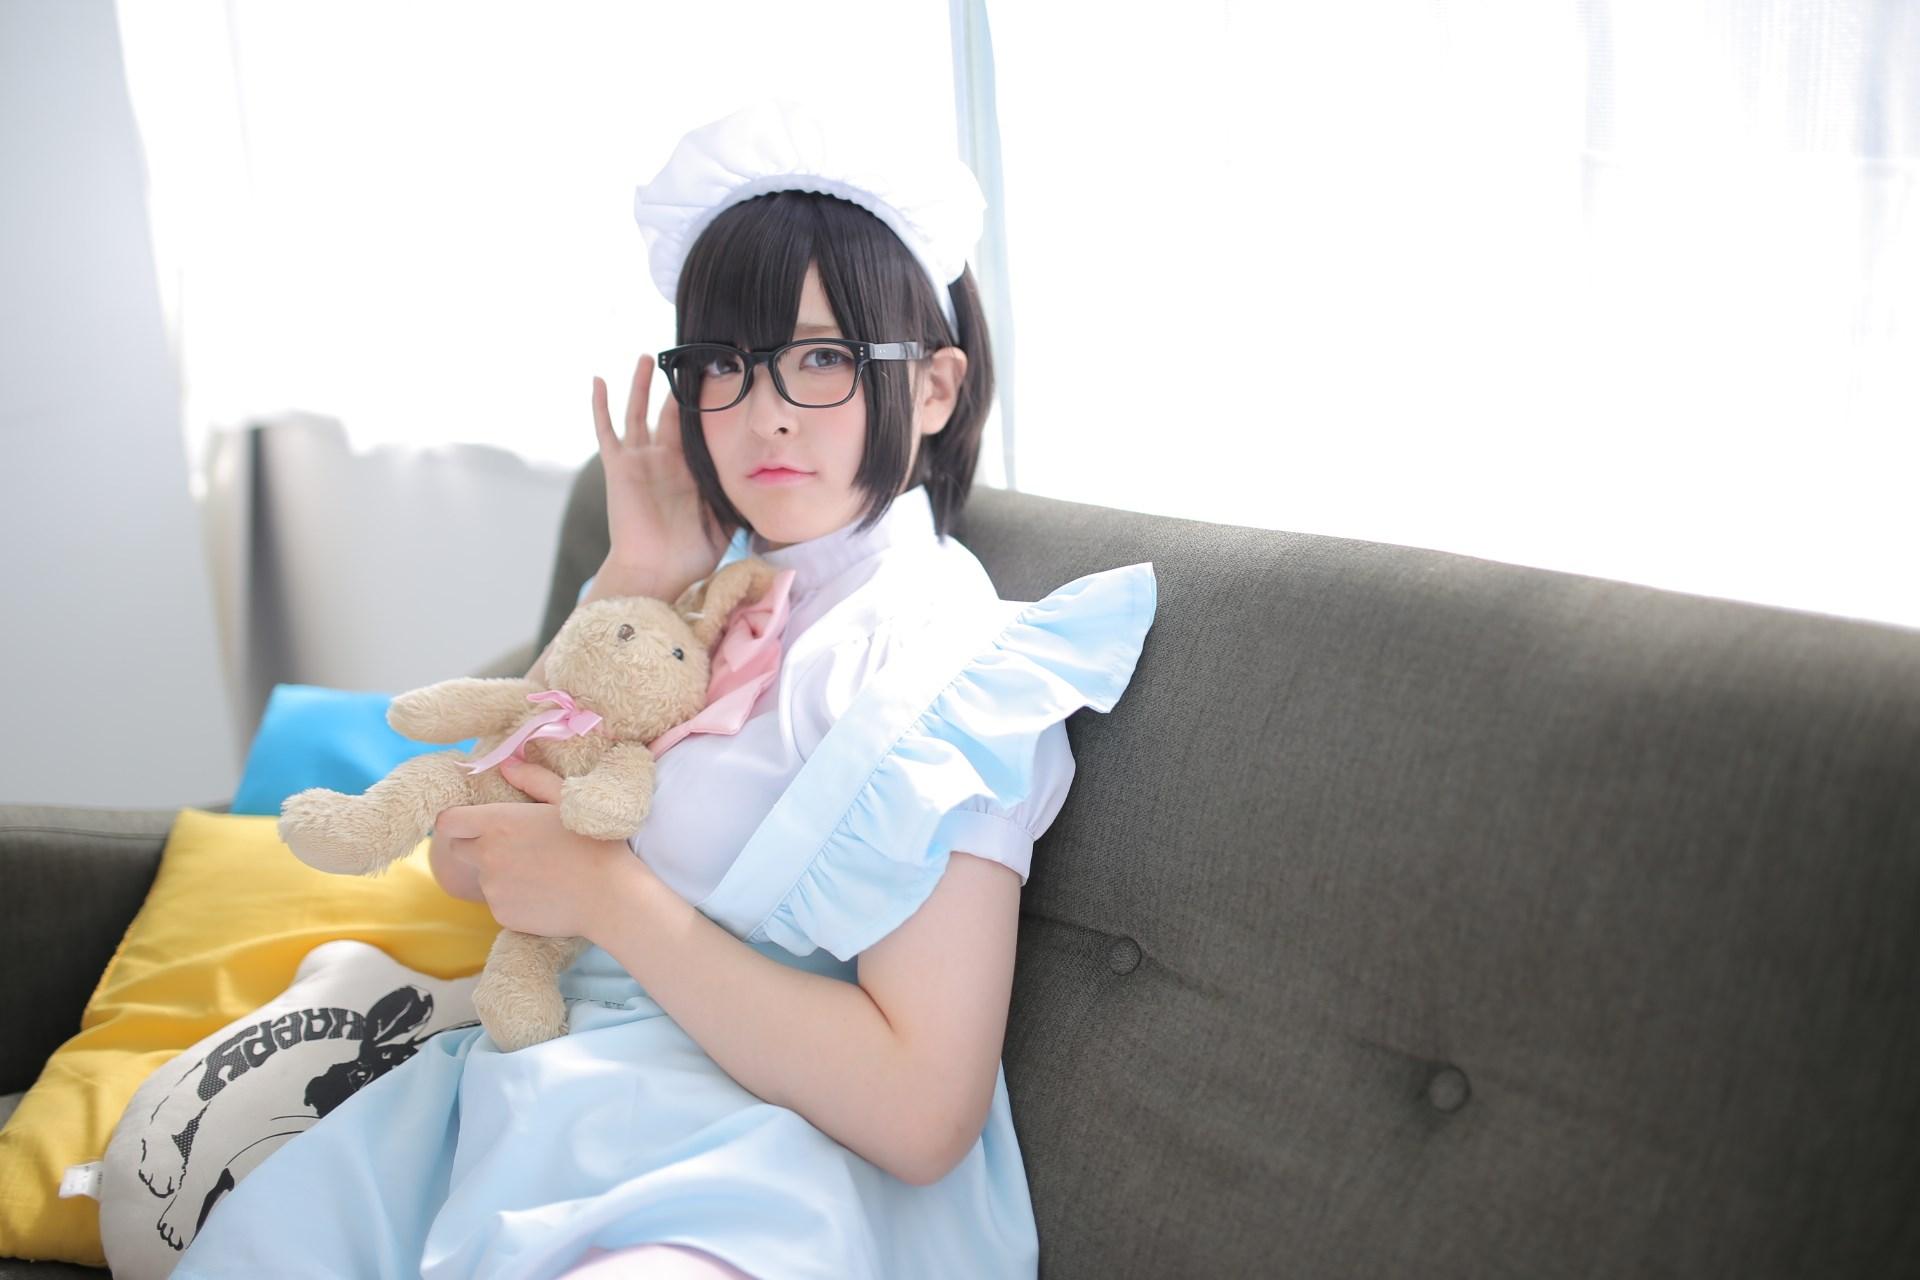 【兔玩映画】眼镜女仆 兔玩映画 第79张